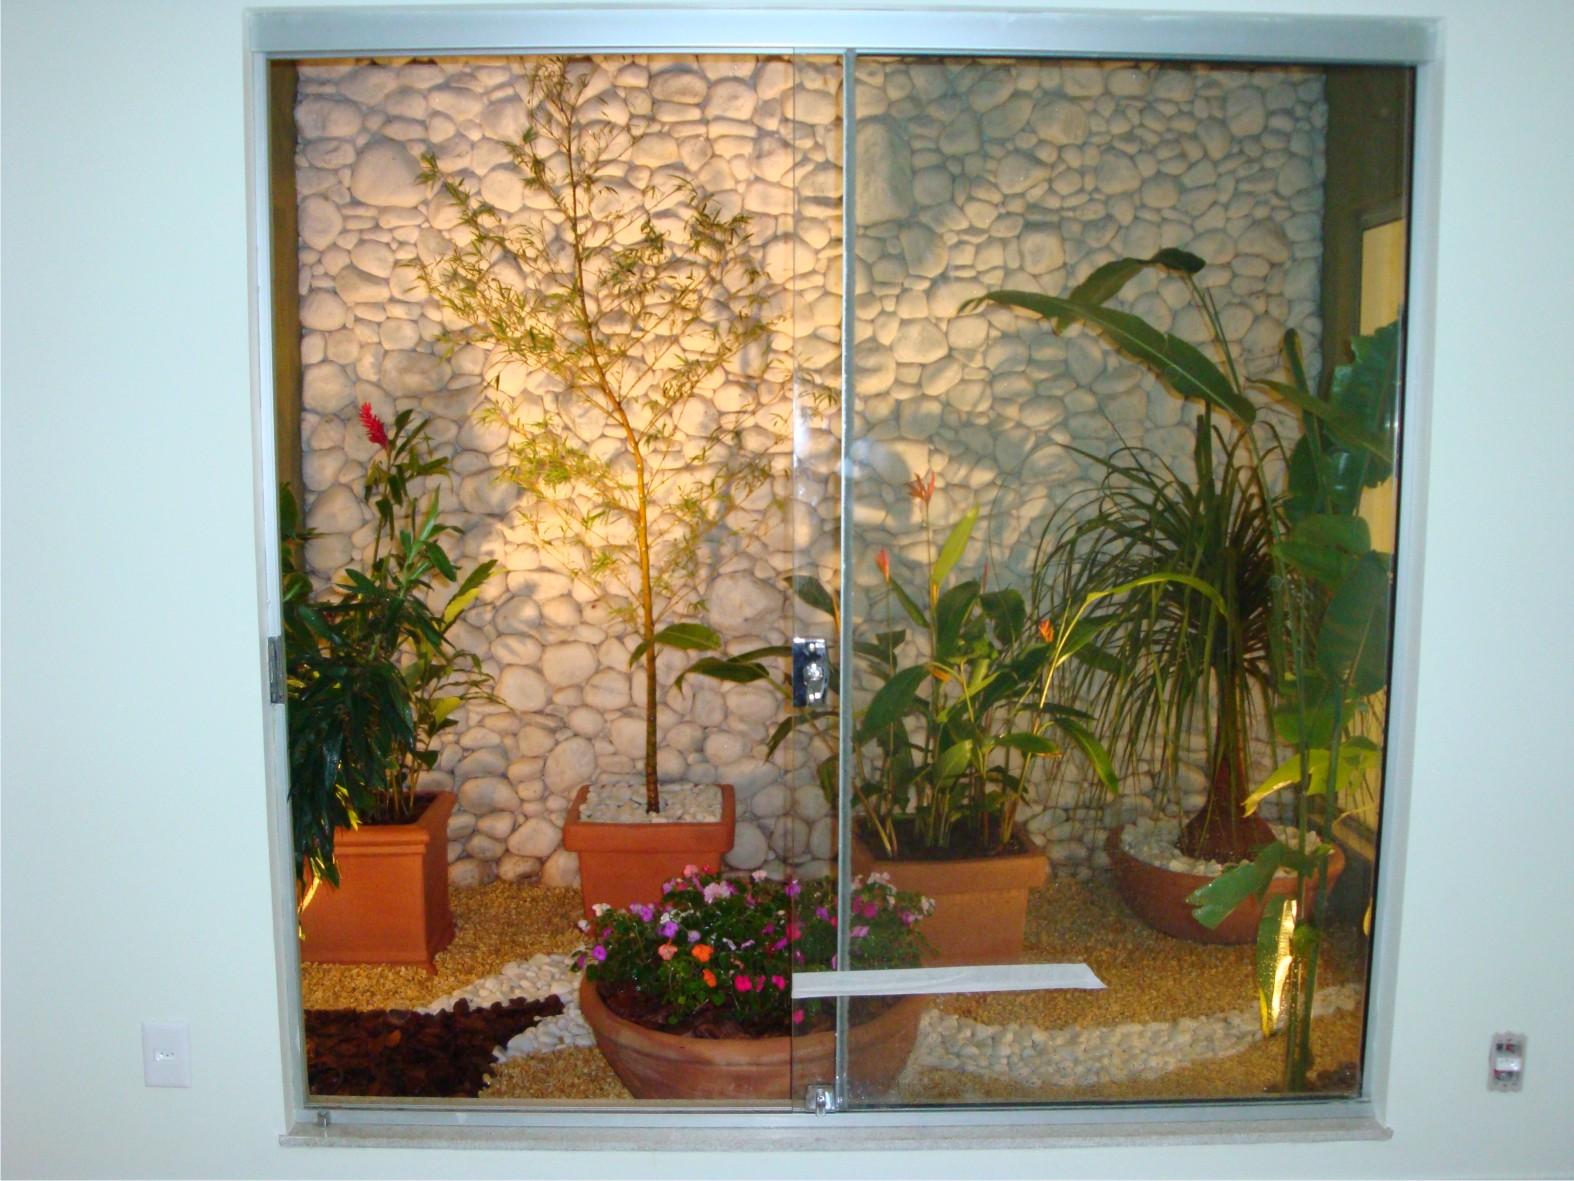 #A76E24 Nayra e Quiel ** Diário de uma construção: ** Jardim de Inverno ** 224 Janelas De Vidro Para Jardim De Inverno